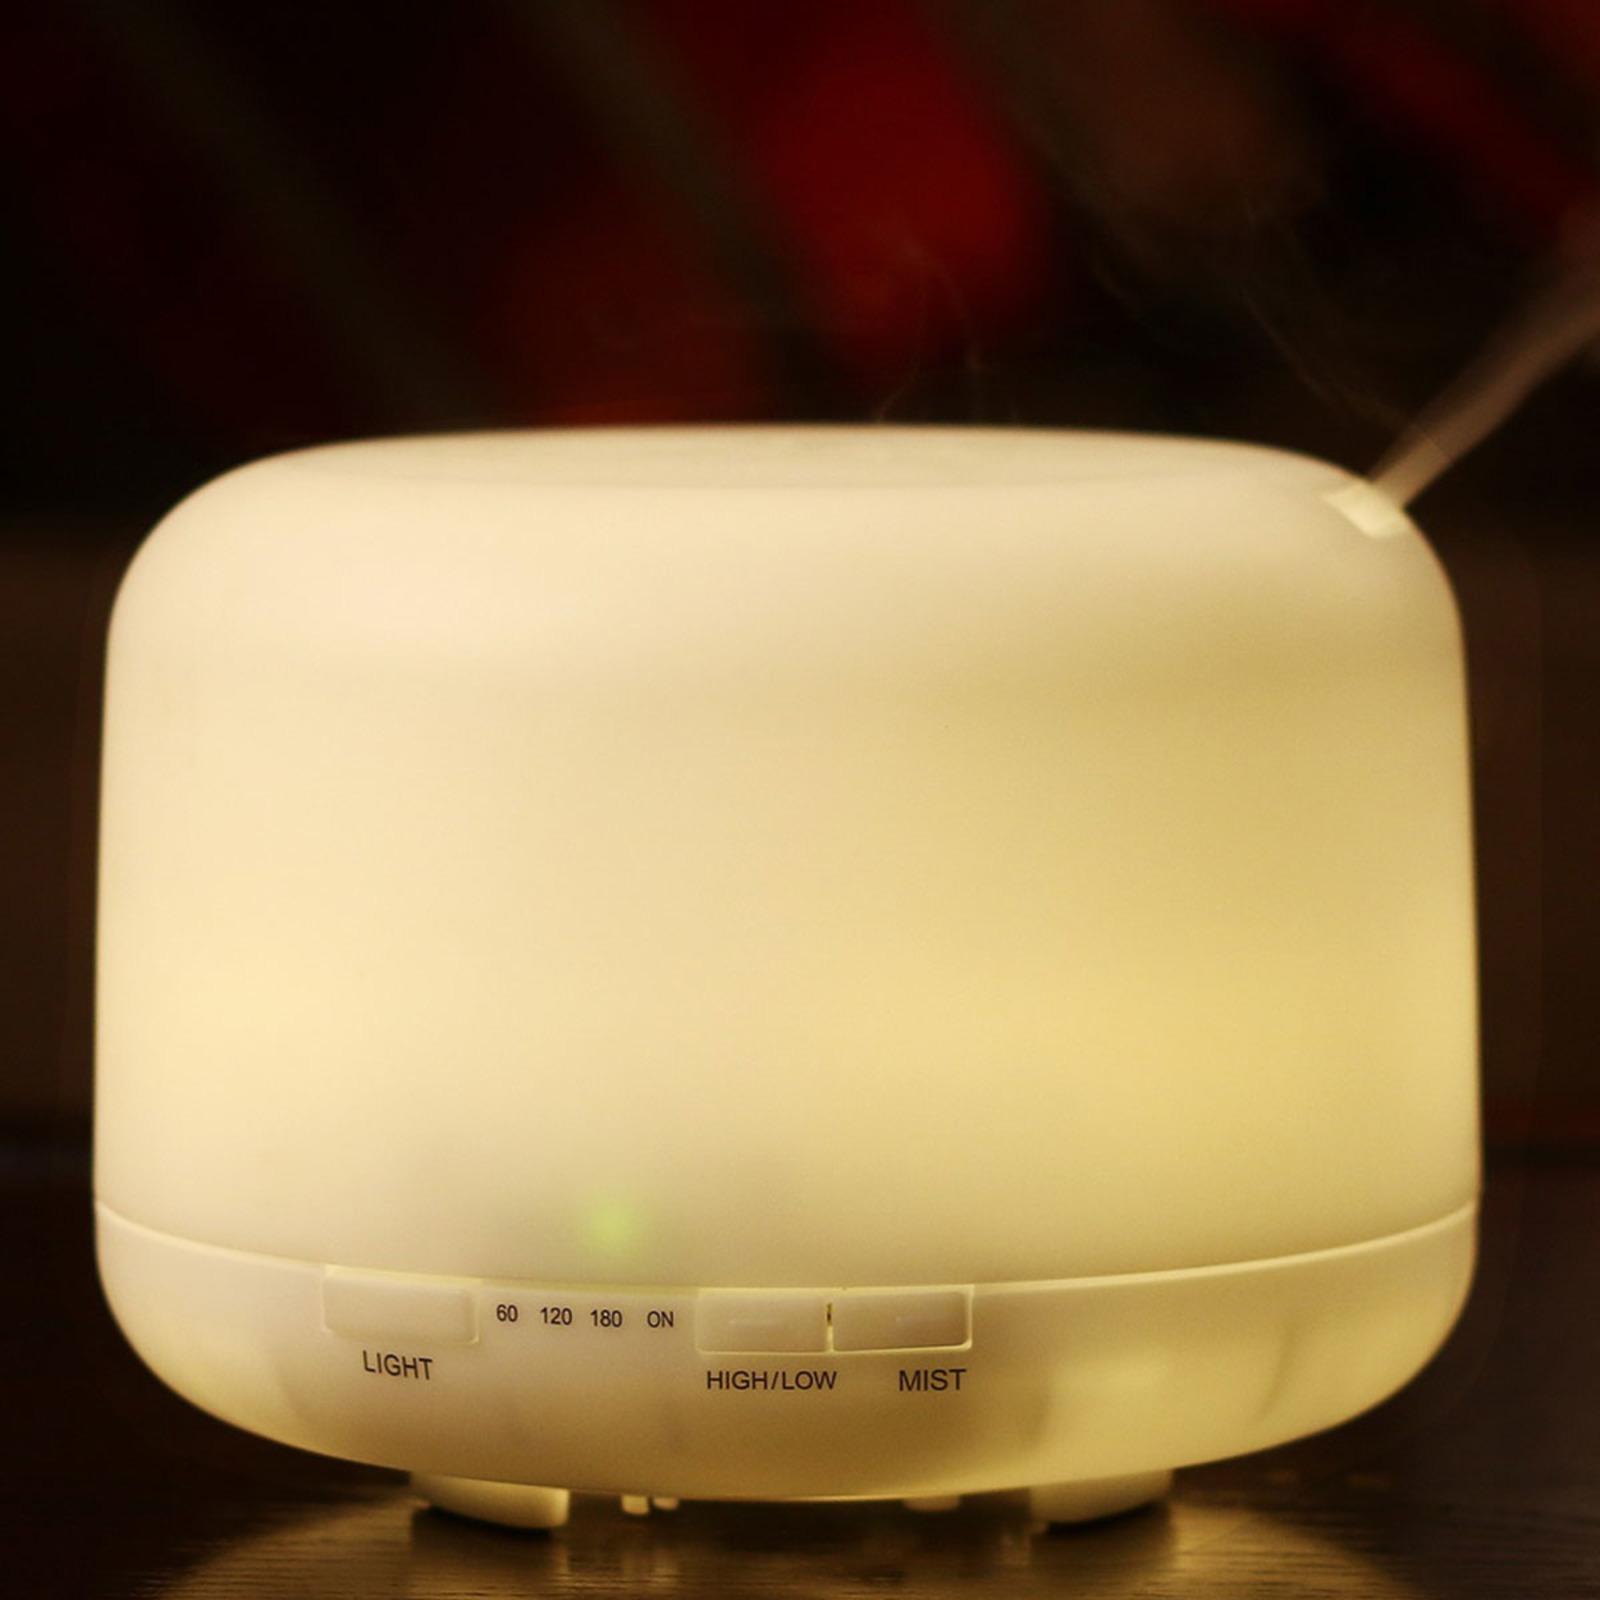 Biofinest F1 Ultrasonic Aroma Diffuser Humidifier